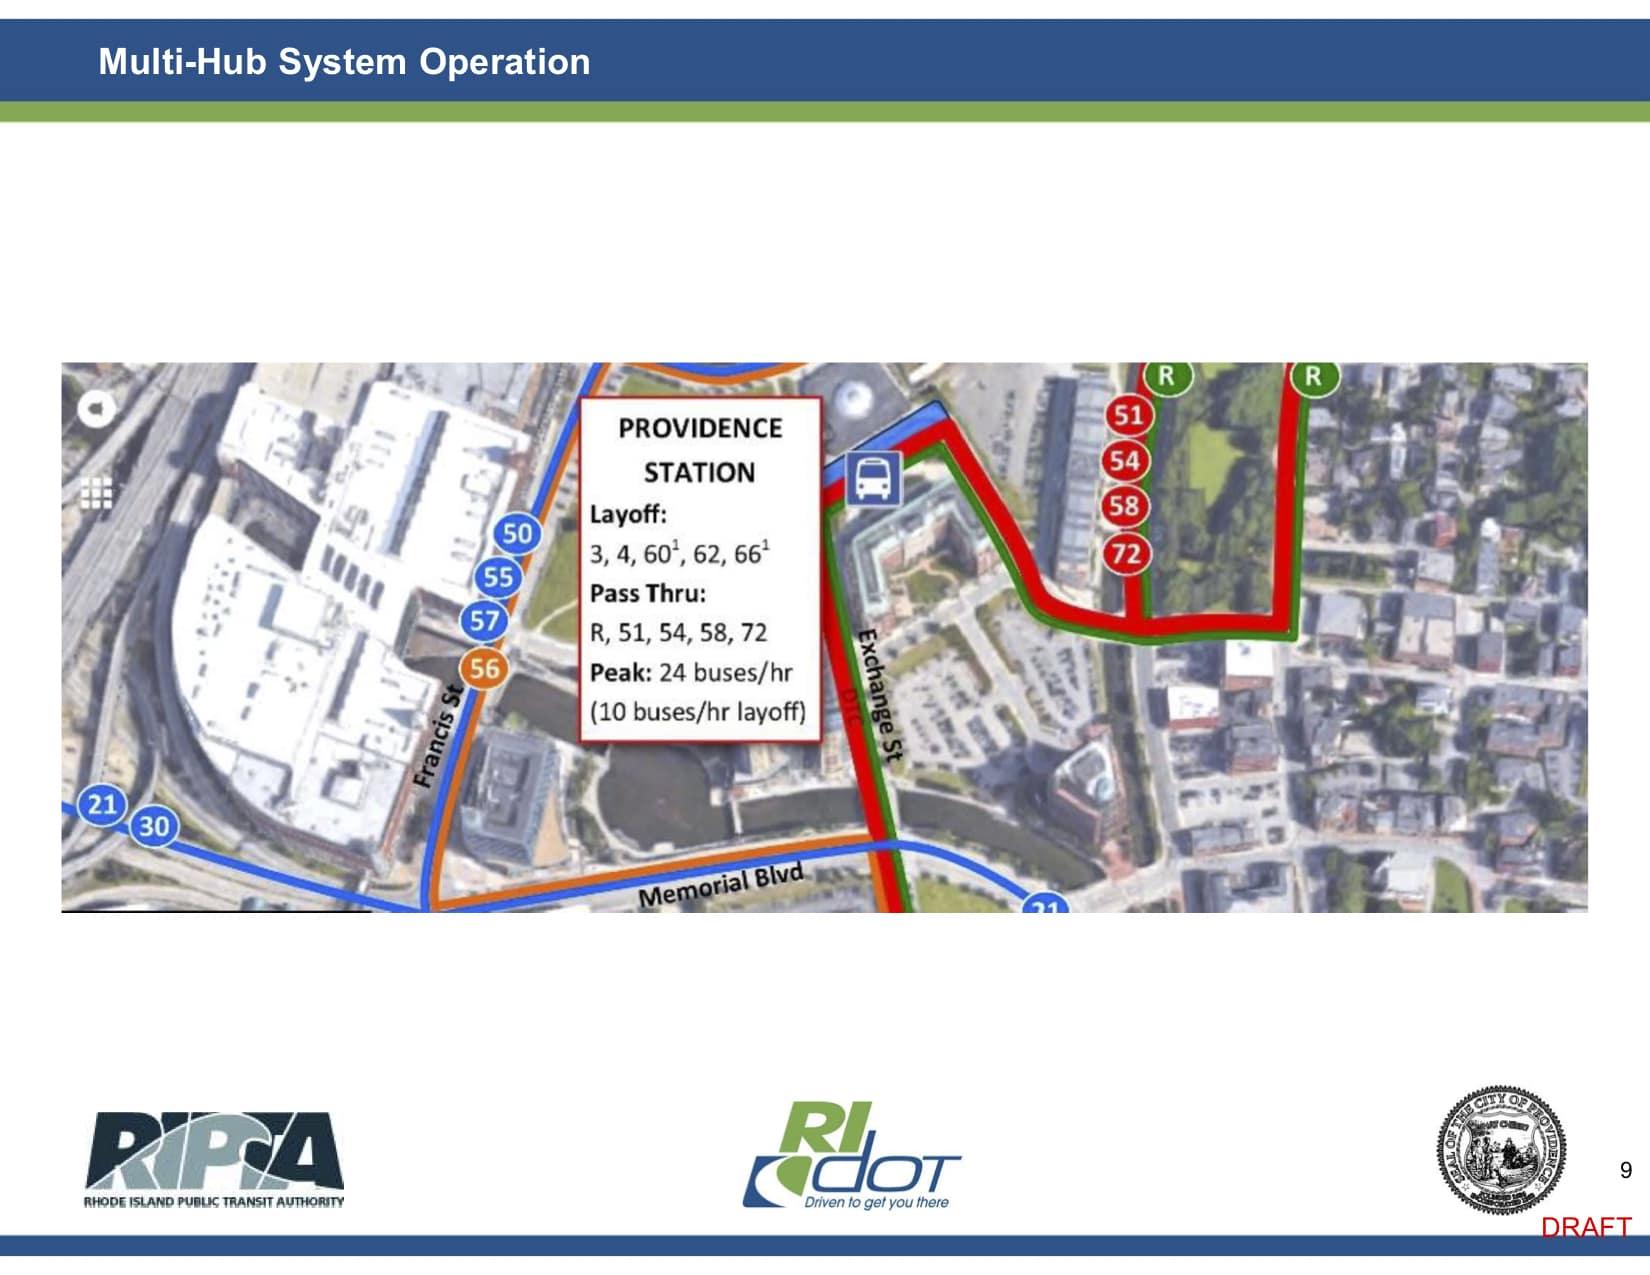 Photo for Governor Raimondo's Multi-Hub Bus System plan